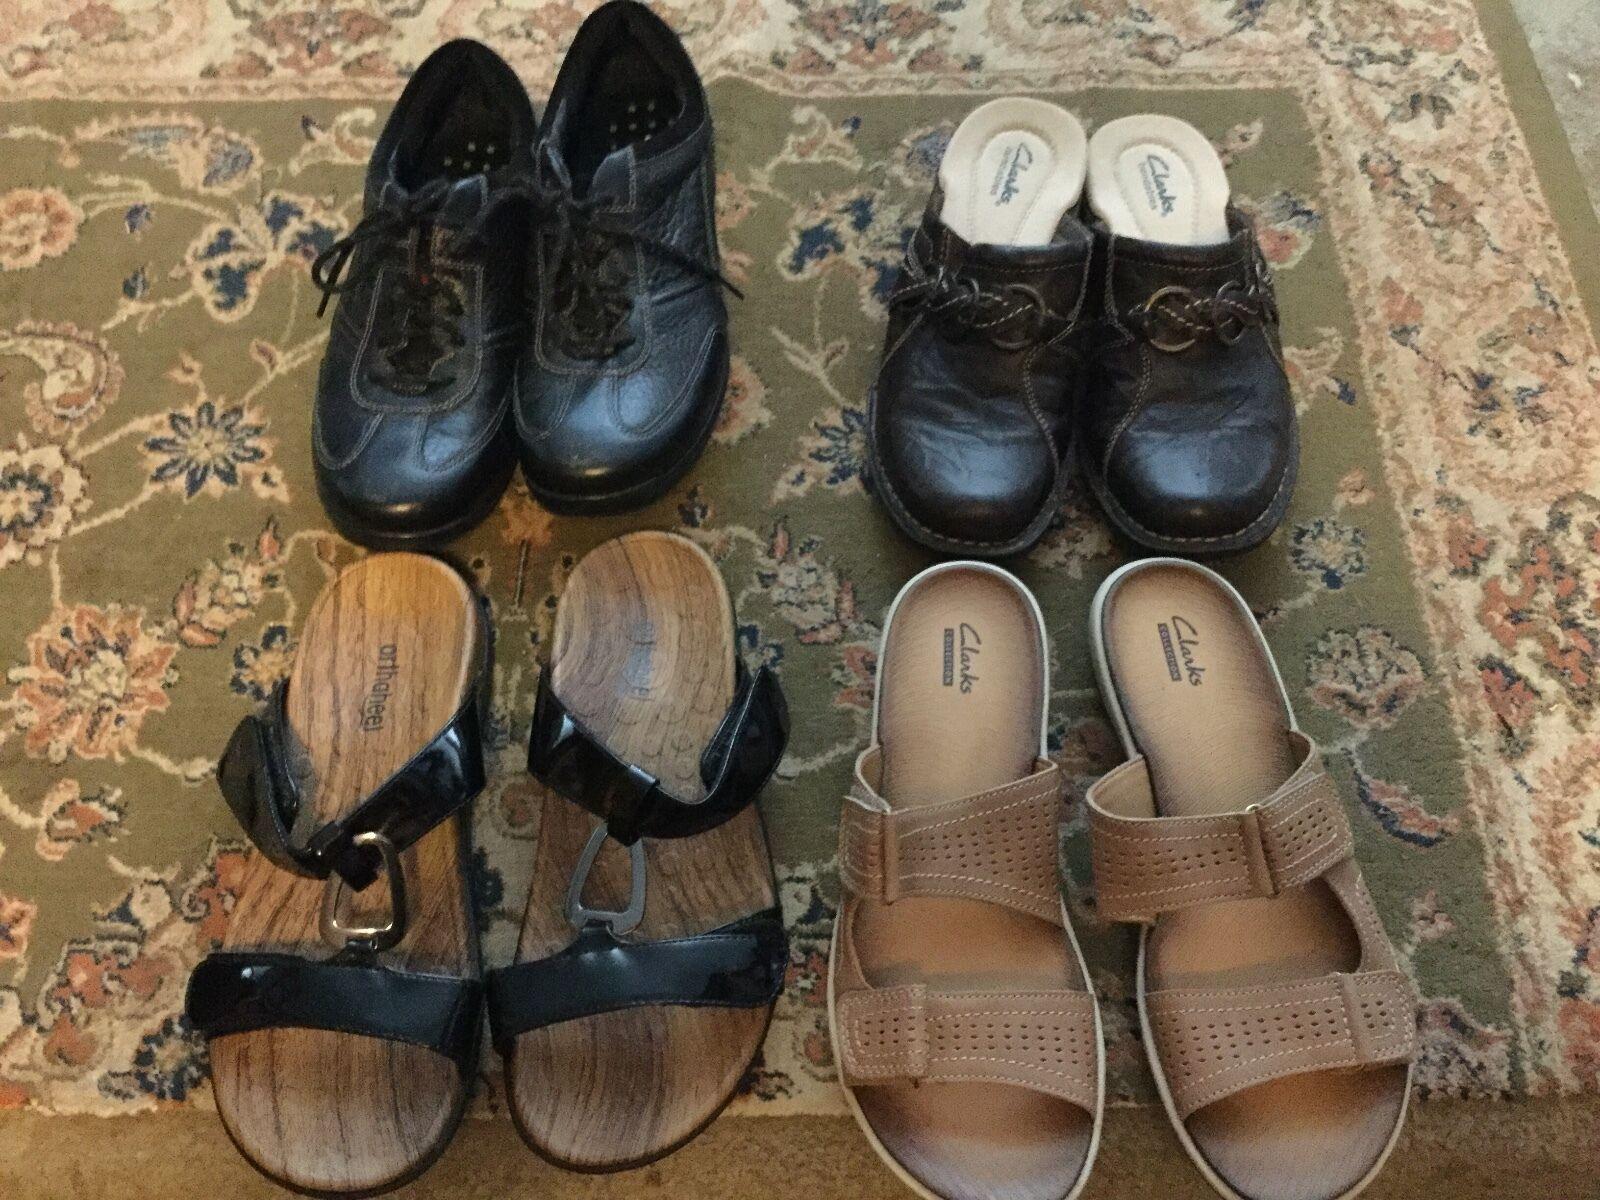 negozio outlet 4 pair of Donna  CLARKS CLARKS CLARKS scarpe - Excellent Condition With no wear - Dimensione 8M  alta qualità e spedizione veloce